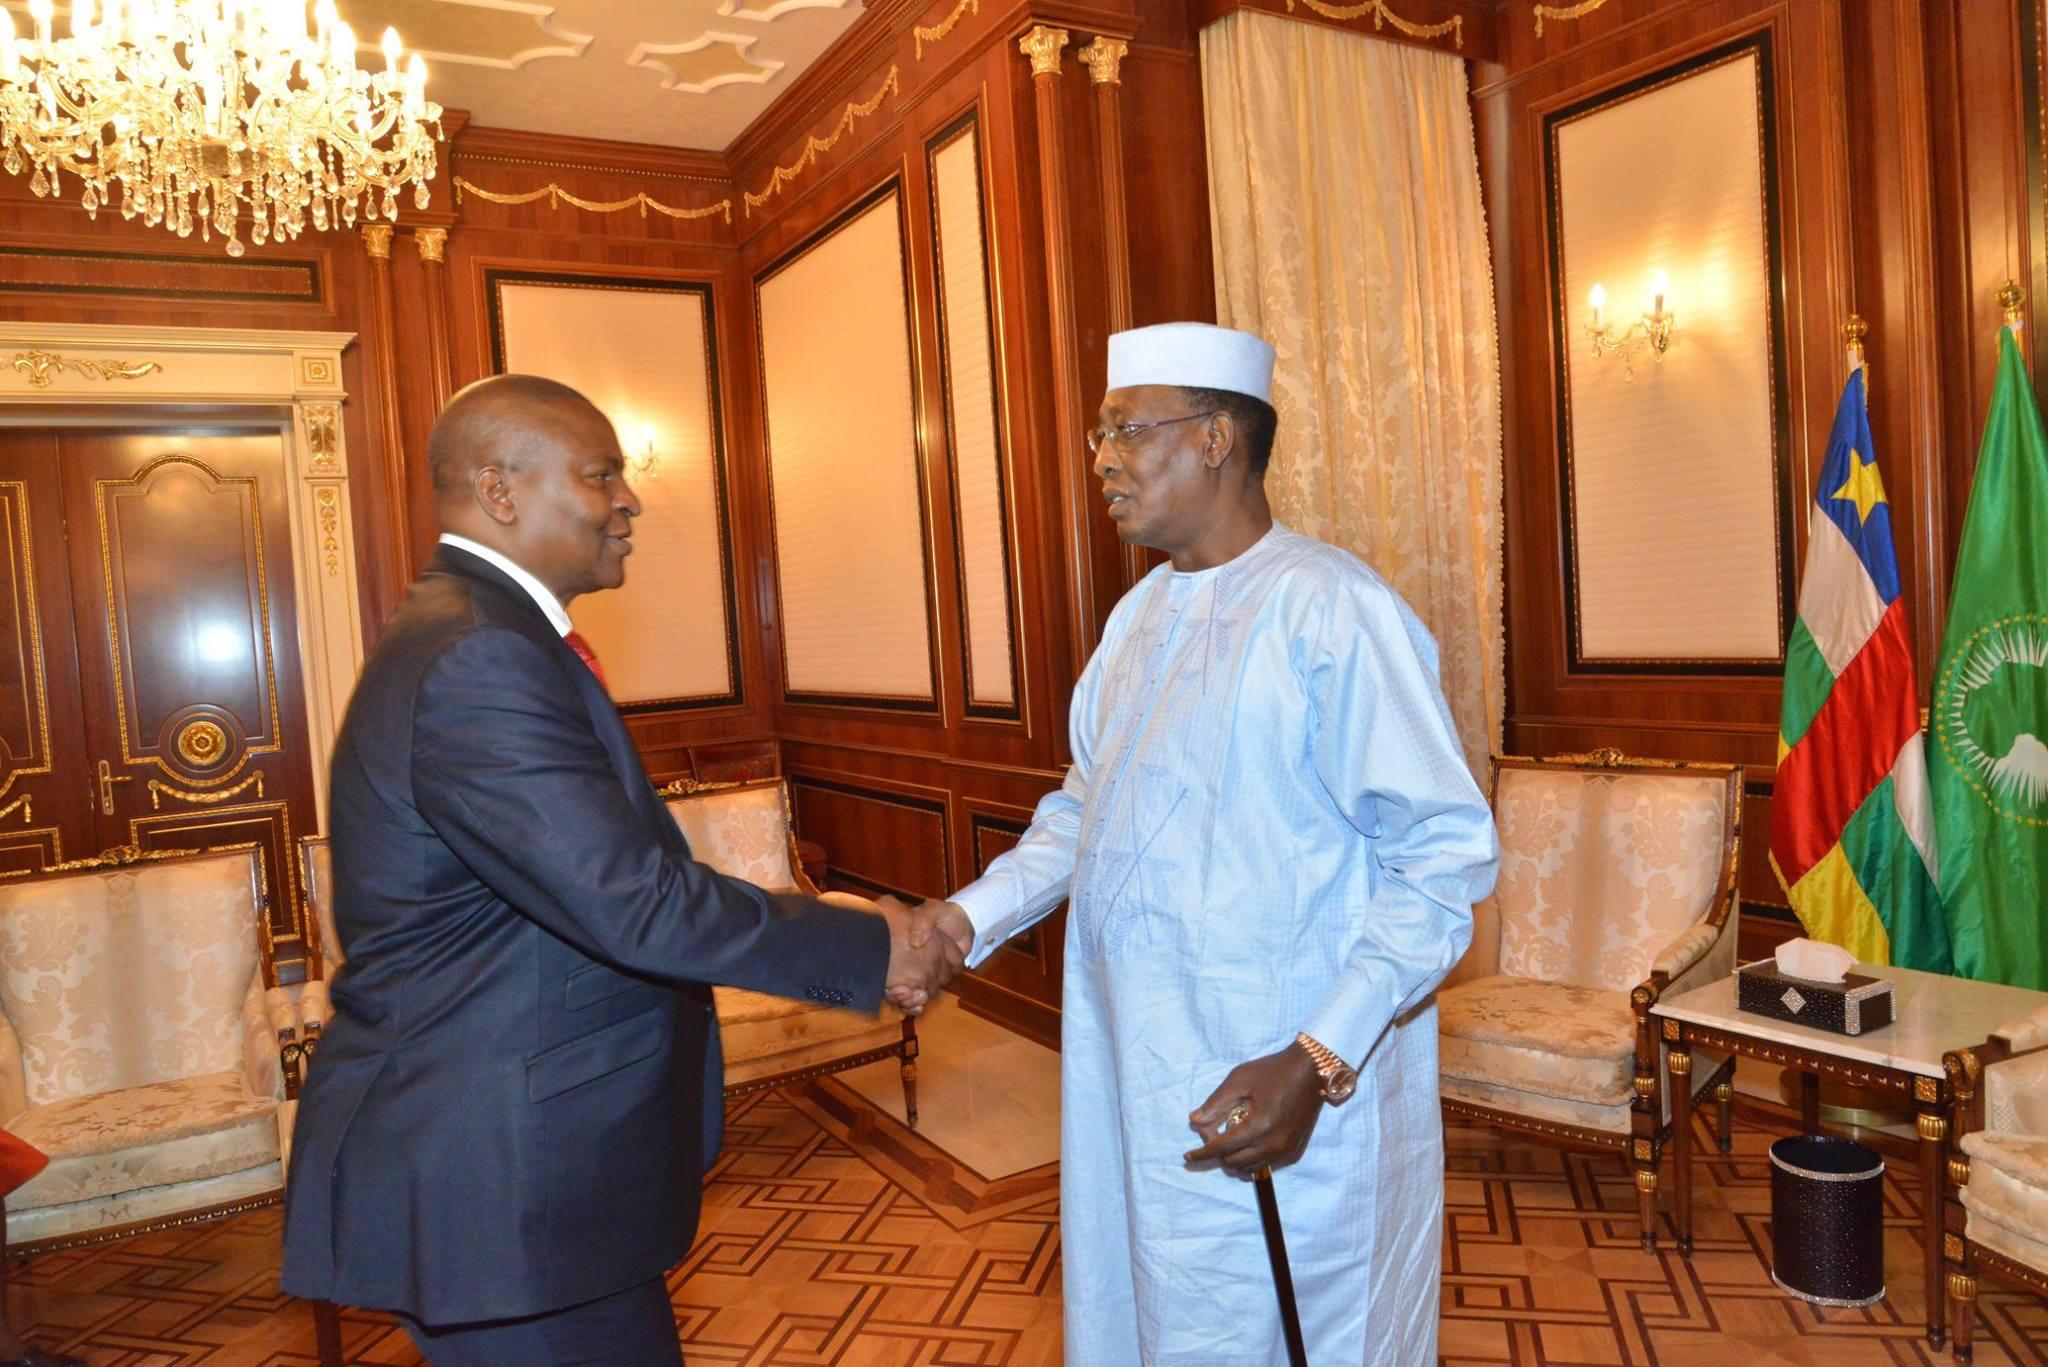 Une poignée de main entre le chef de l'Etat centrafricain Touadéra et son homologue tchadien idriss Déby, hier au Palais présidentiel, à N'Djamena.